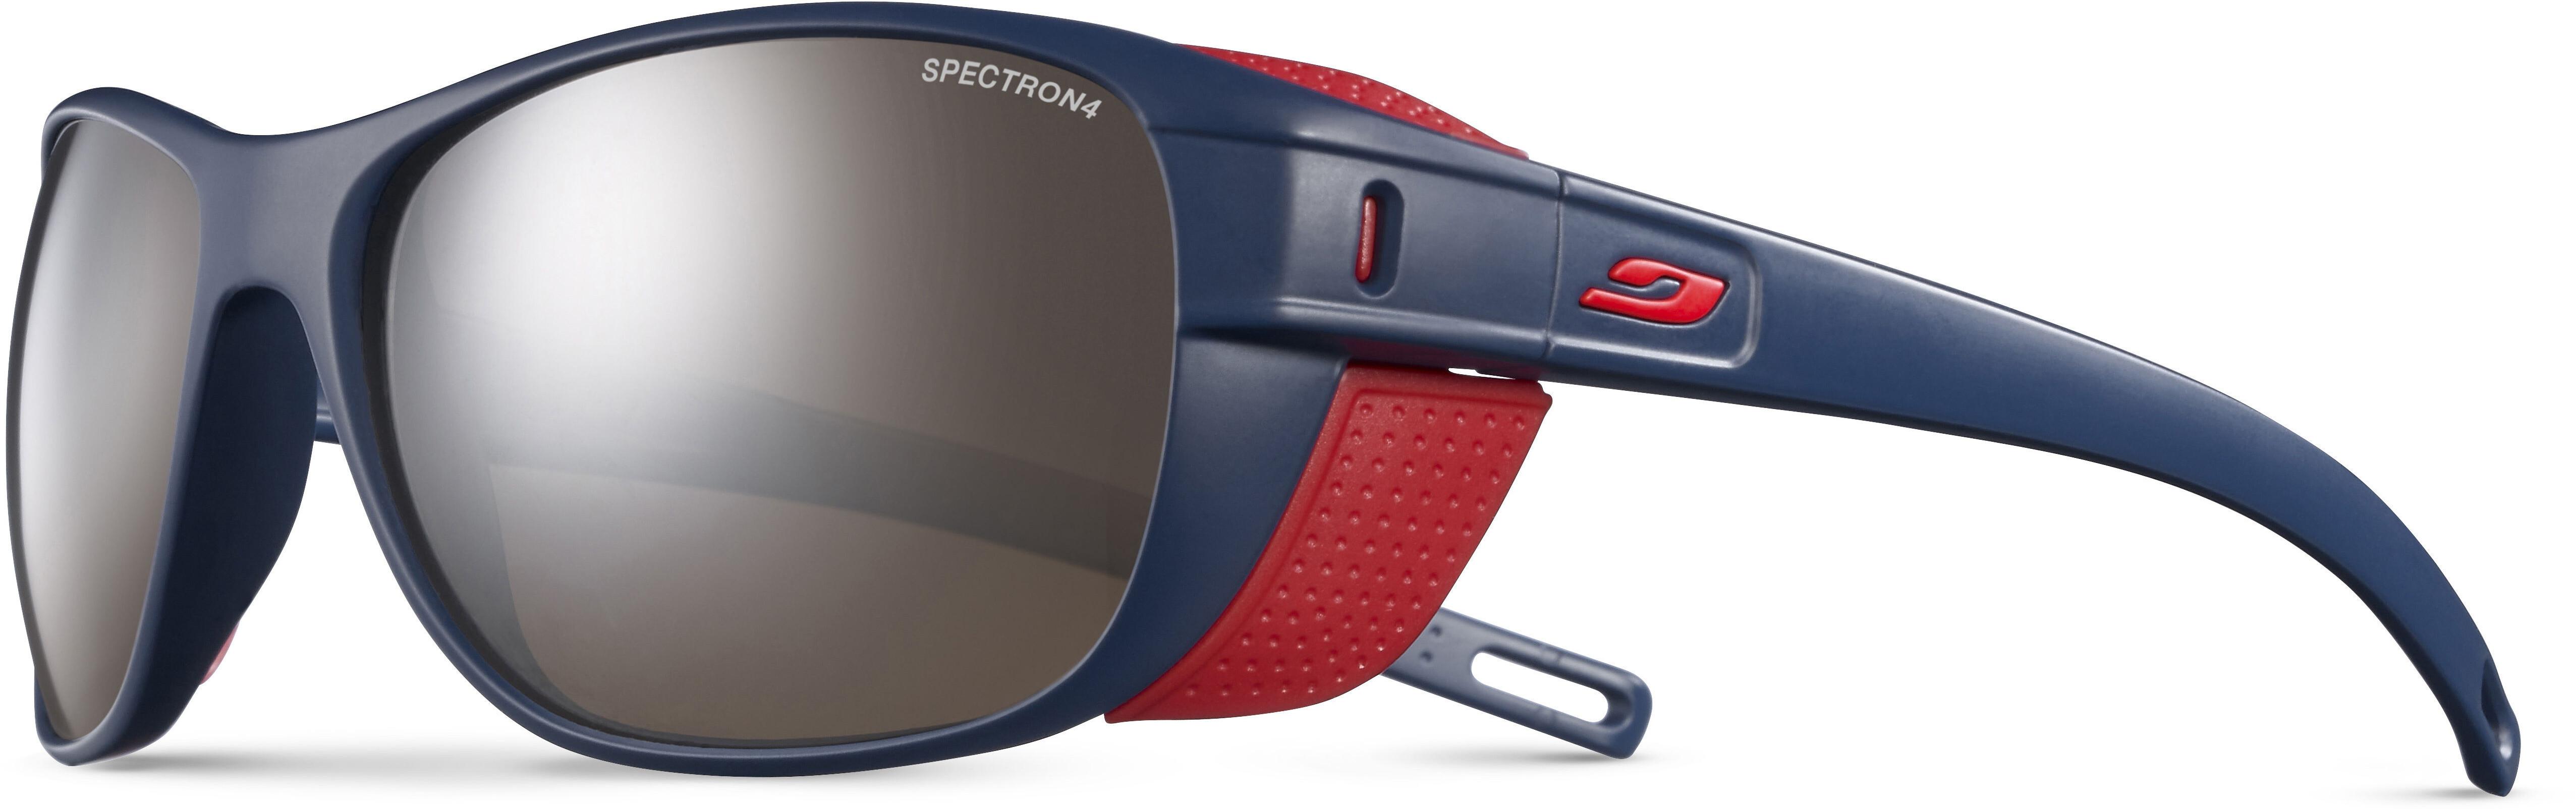 e992f75534 Julbo Camino Spectron 4 Sunglasses Dark Blue Red-Brown Flash Silver ...